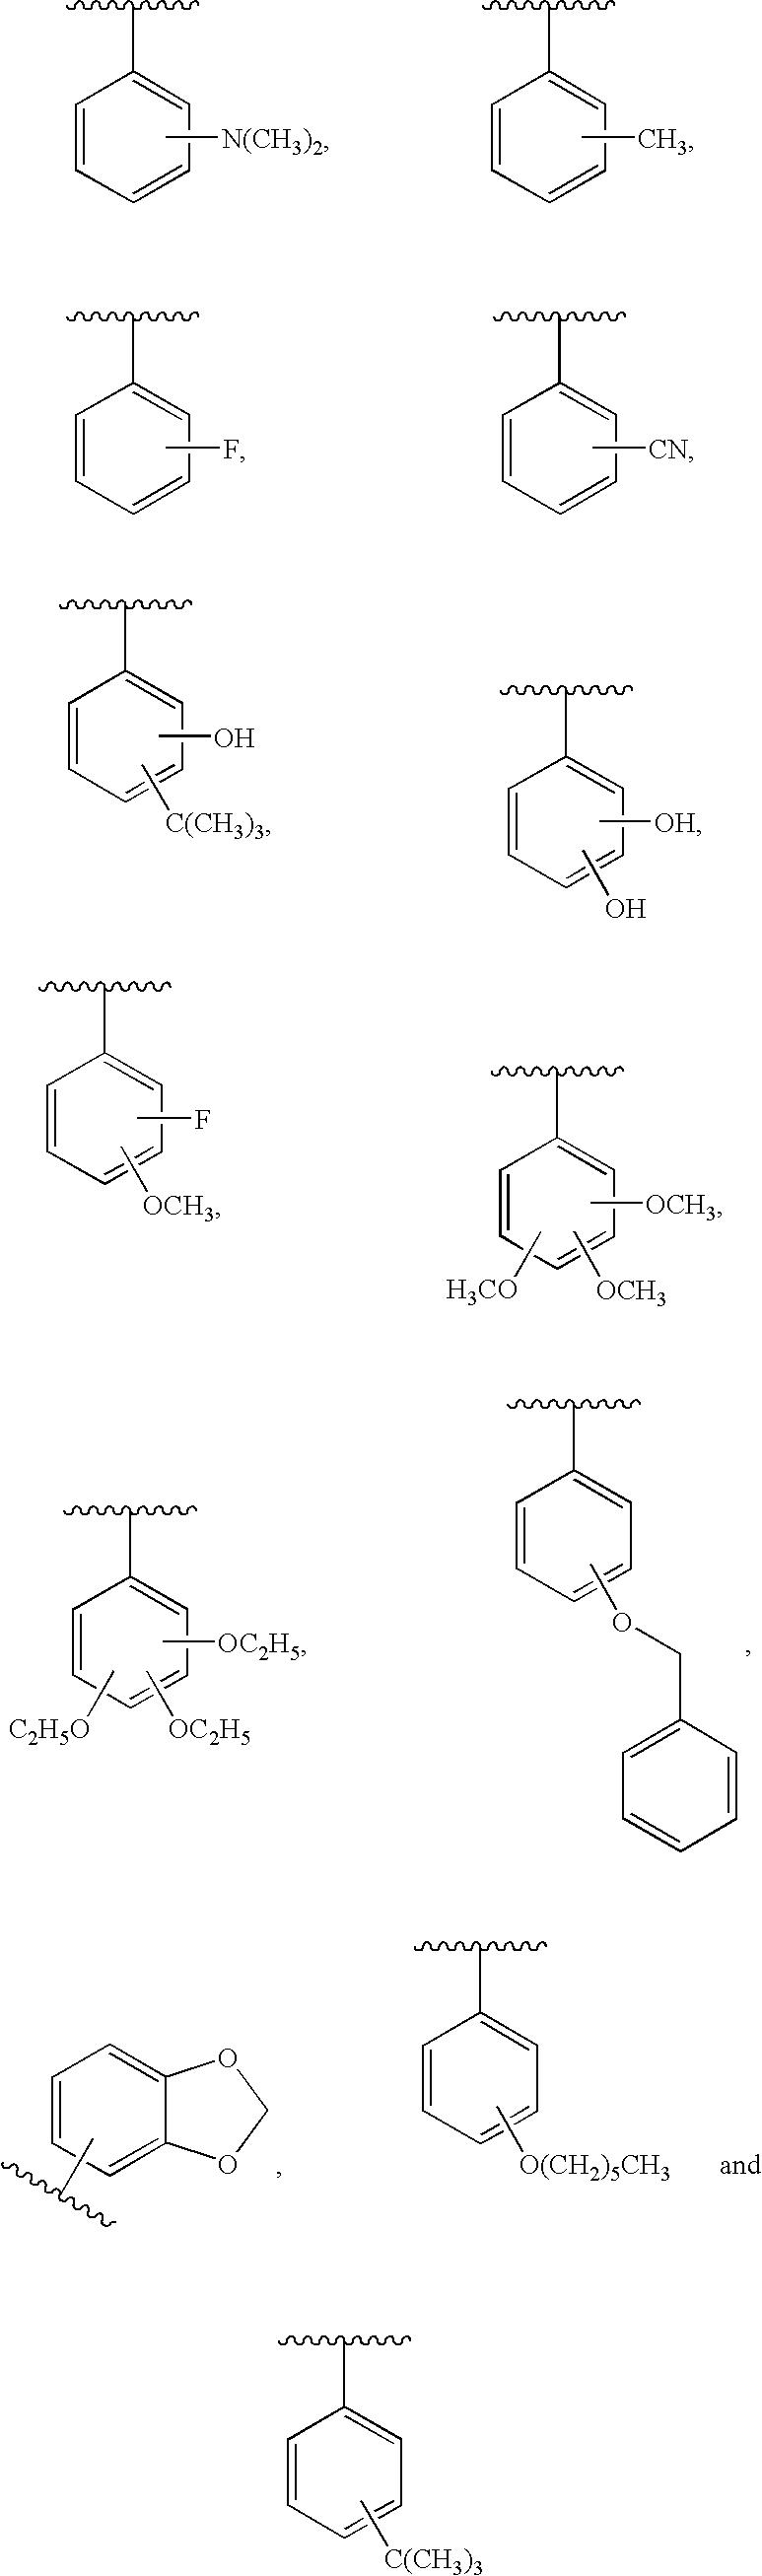 Figure US07176225-20070213-C00088